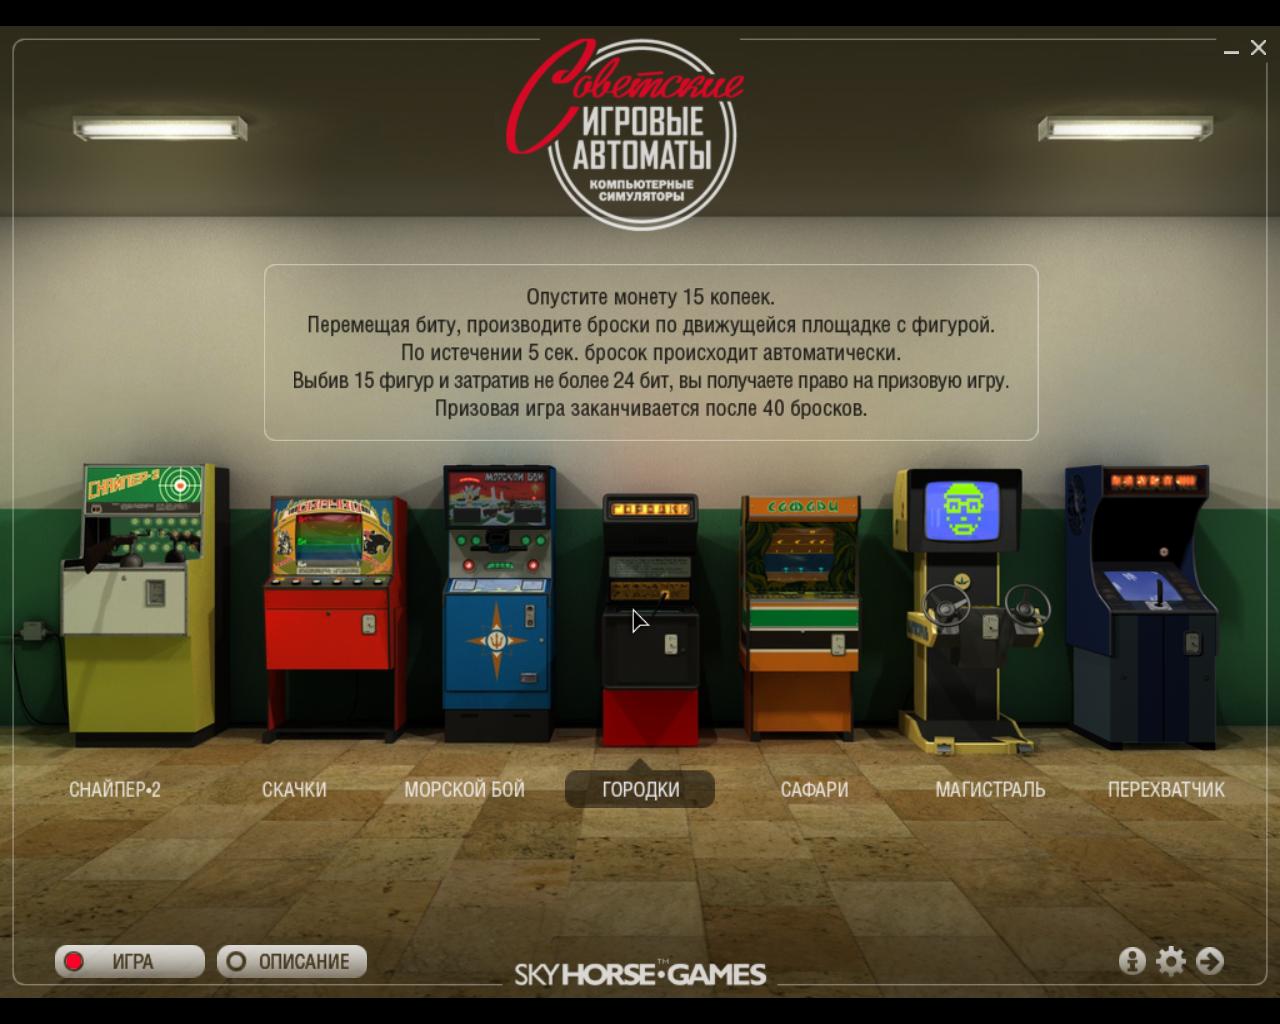 Советские игровые автоматы играть бесплатно ночь в музее игровых автоматов